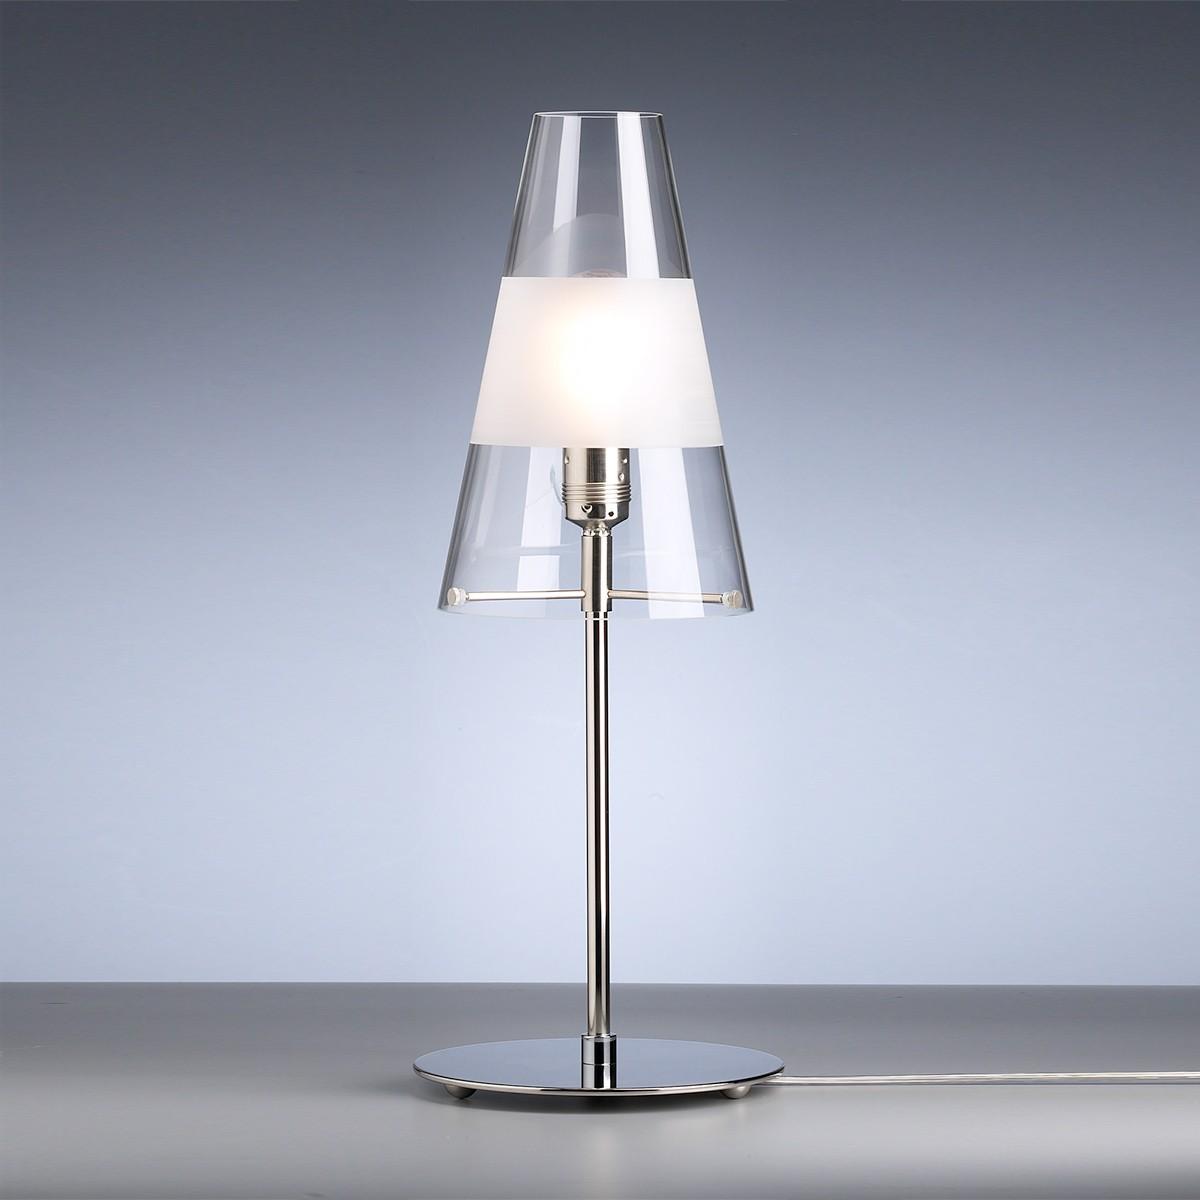 Tecnolumen TLWS 03 Tischleuchte, Gestell: Nickel, Glas: Klarglas mit mattem Ring